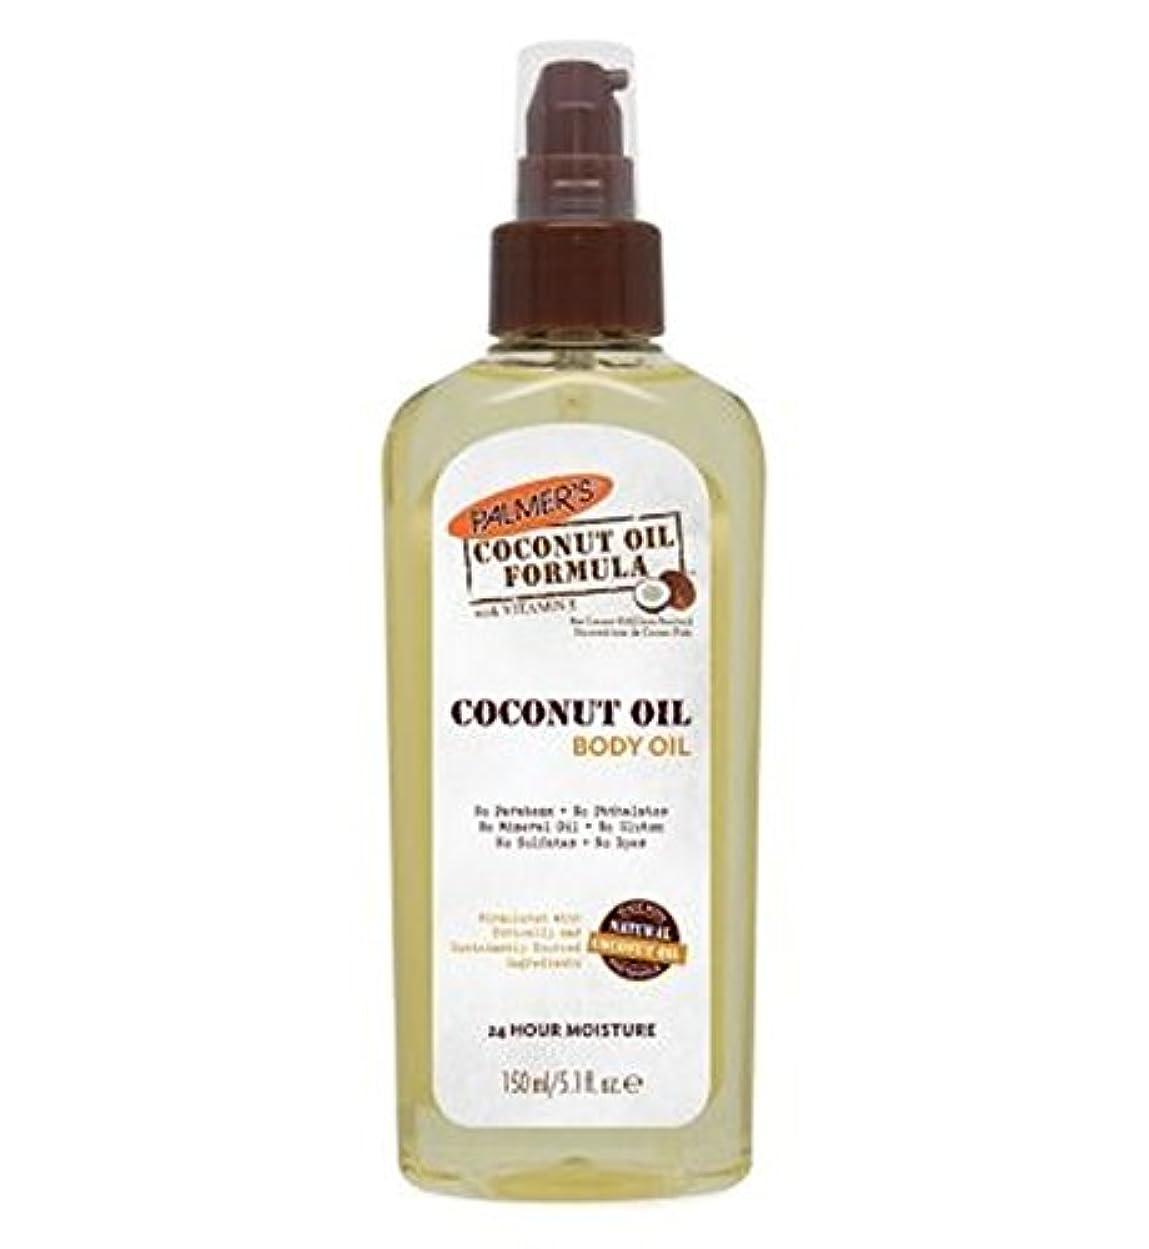 百万傘開示するパーマーのココナッツオイル式ボディオイル150ミリリットル (Palmer's) (x2) - Palmer's Coconut Oil Formula Body Oil 150ml (Pack of 2) [並行輸入品]